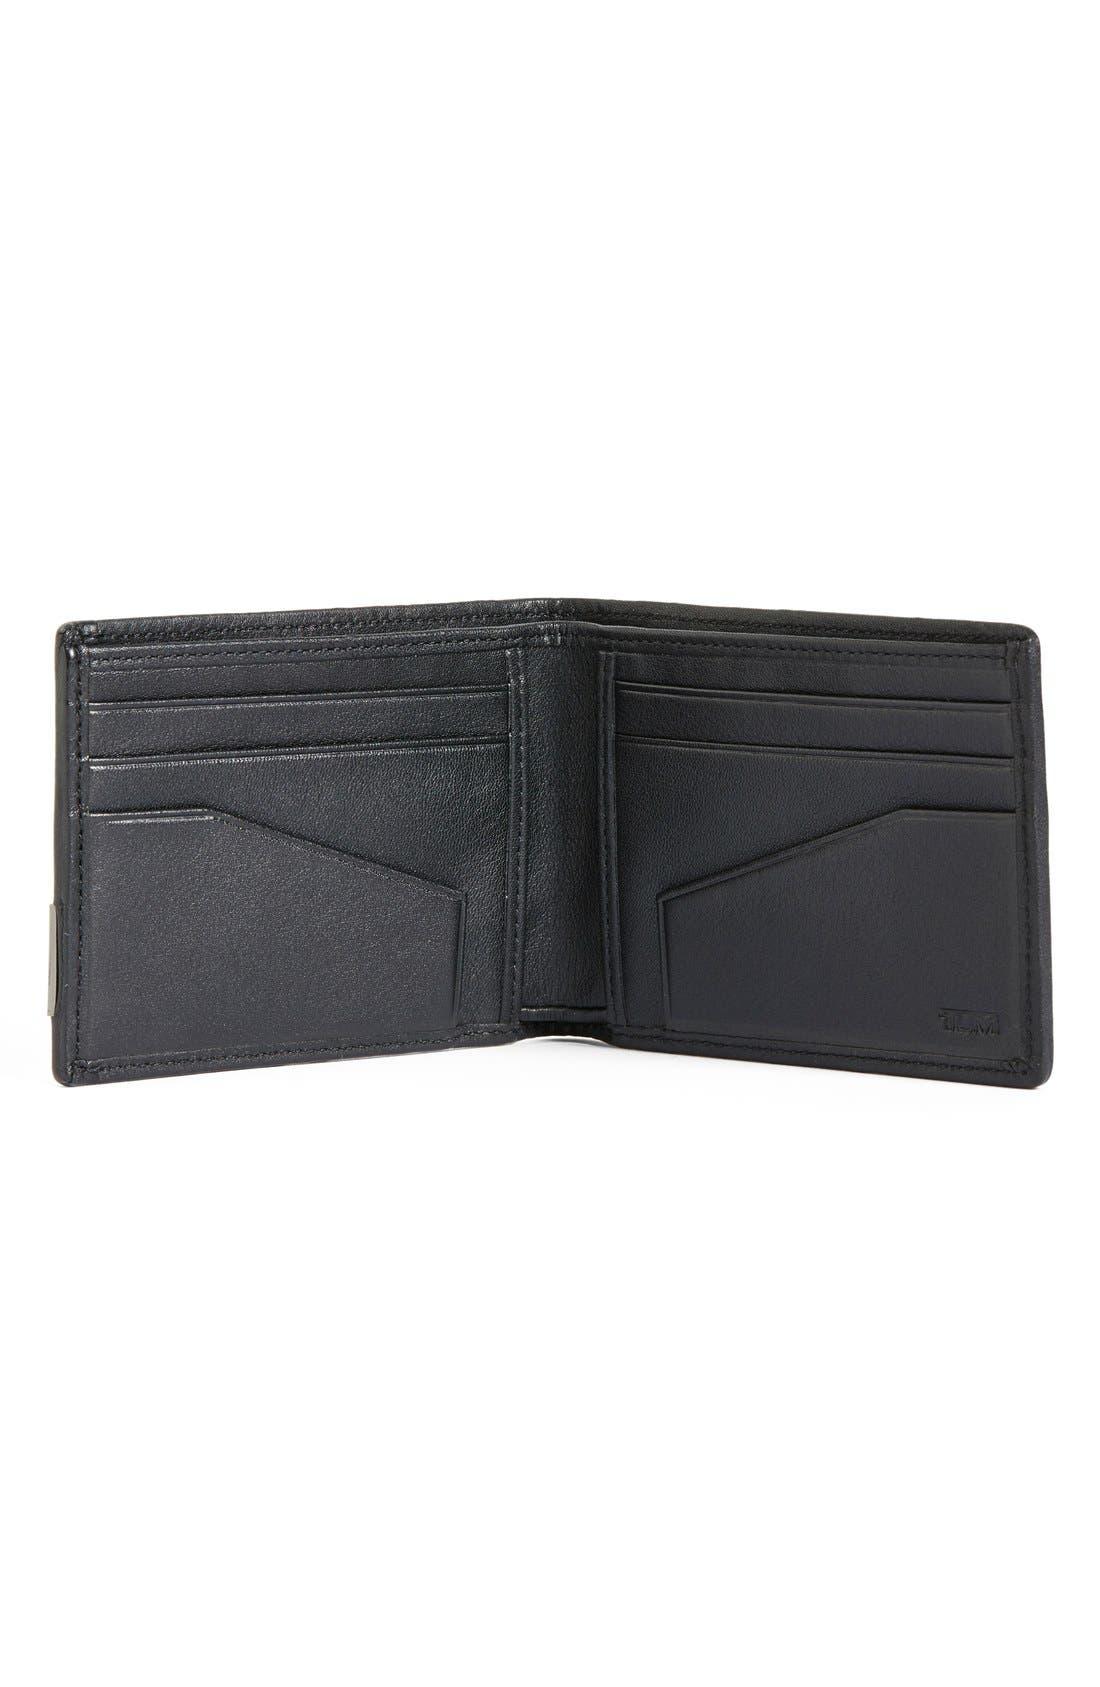 Alpha Ballistic Nylon Wallet,                             Alternate thumbnail 2, color,                             034